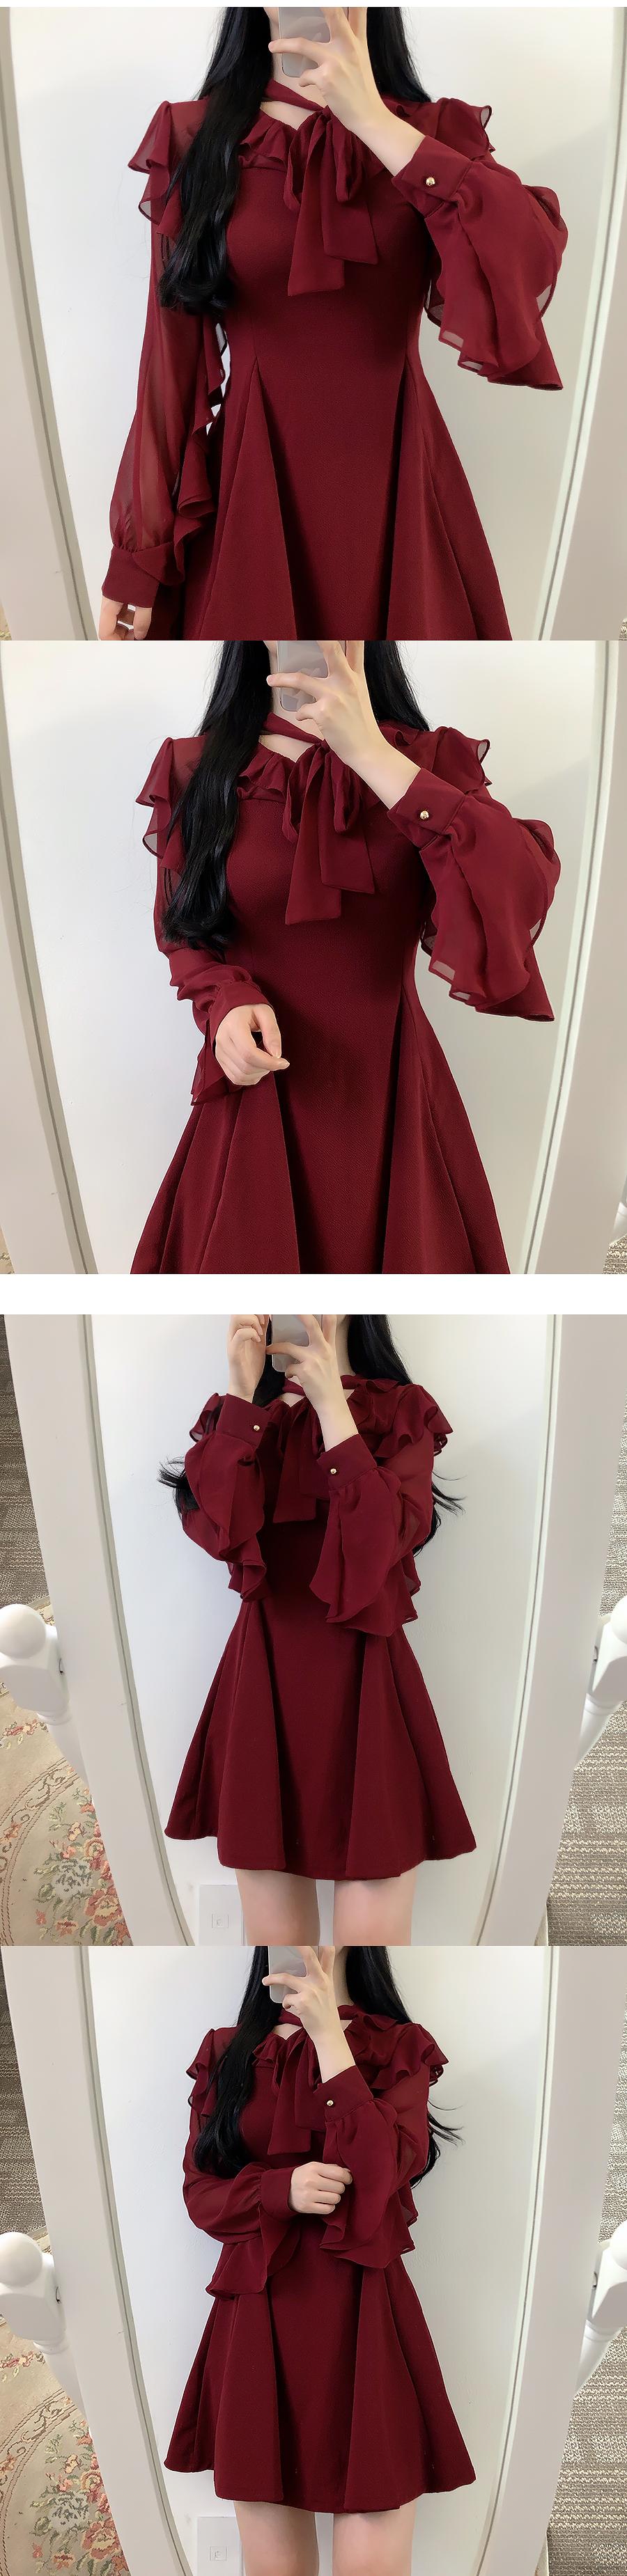 Valve Sleeve Ruffle Ribbon Dress